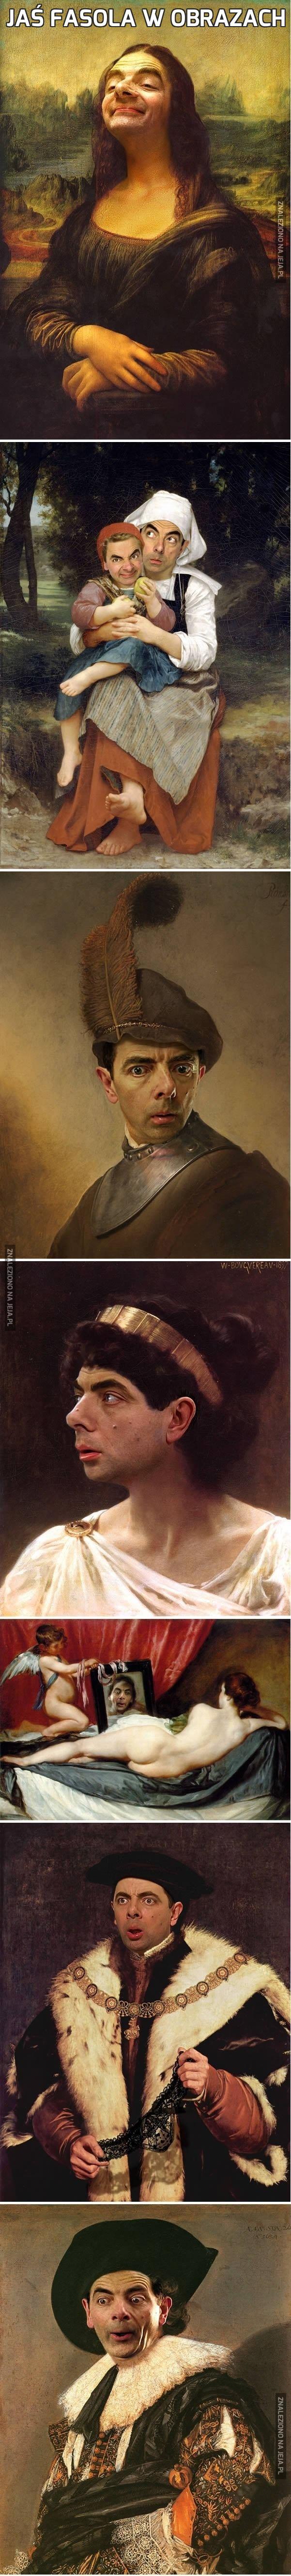 Jaś Fasola w obrazach